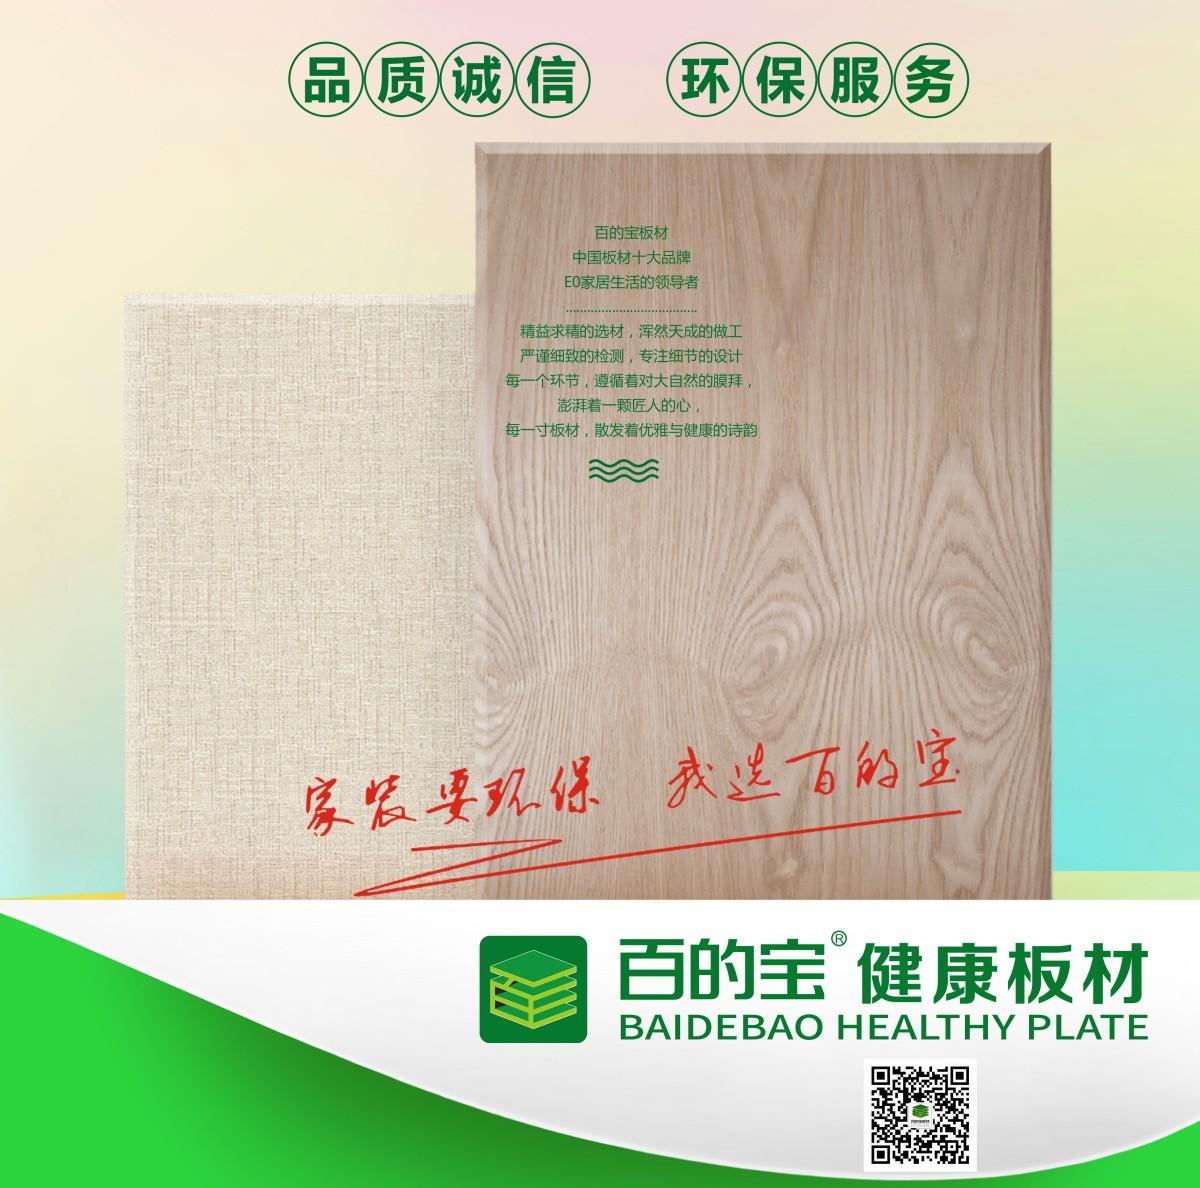 轻奢低调是态度,高端品质是生活|中国板材十大品牌百的宝